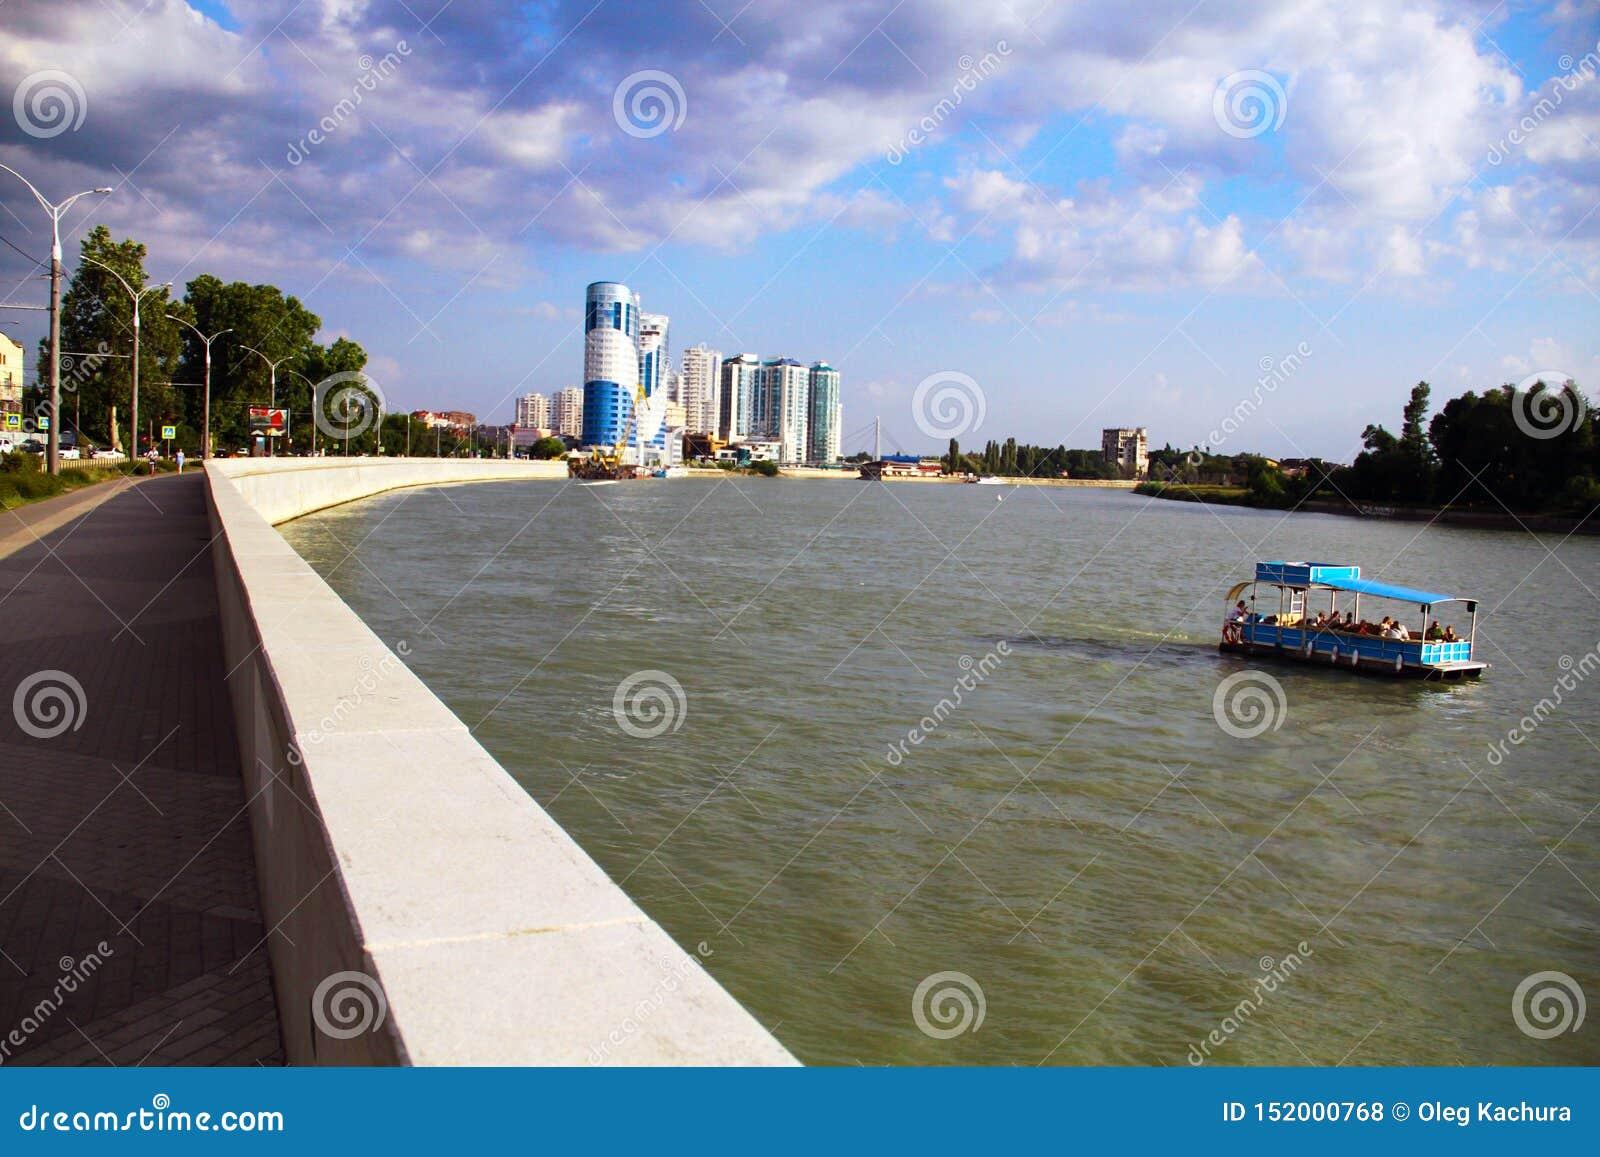 Mooie mening van de architectuur van de avondstad, de rivier en de drijvende boot